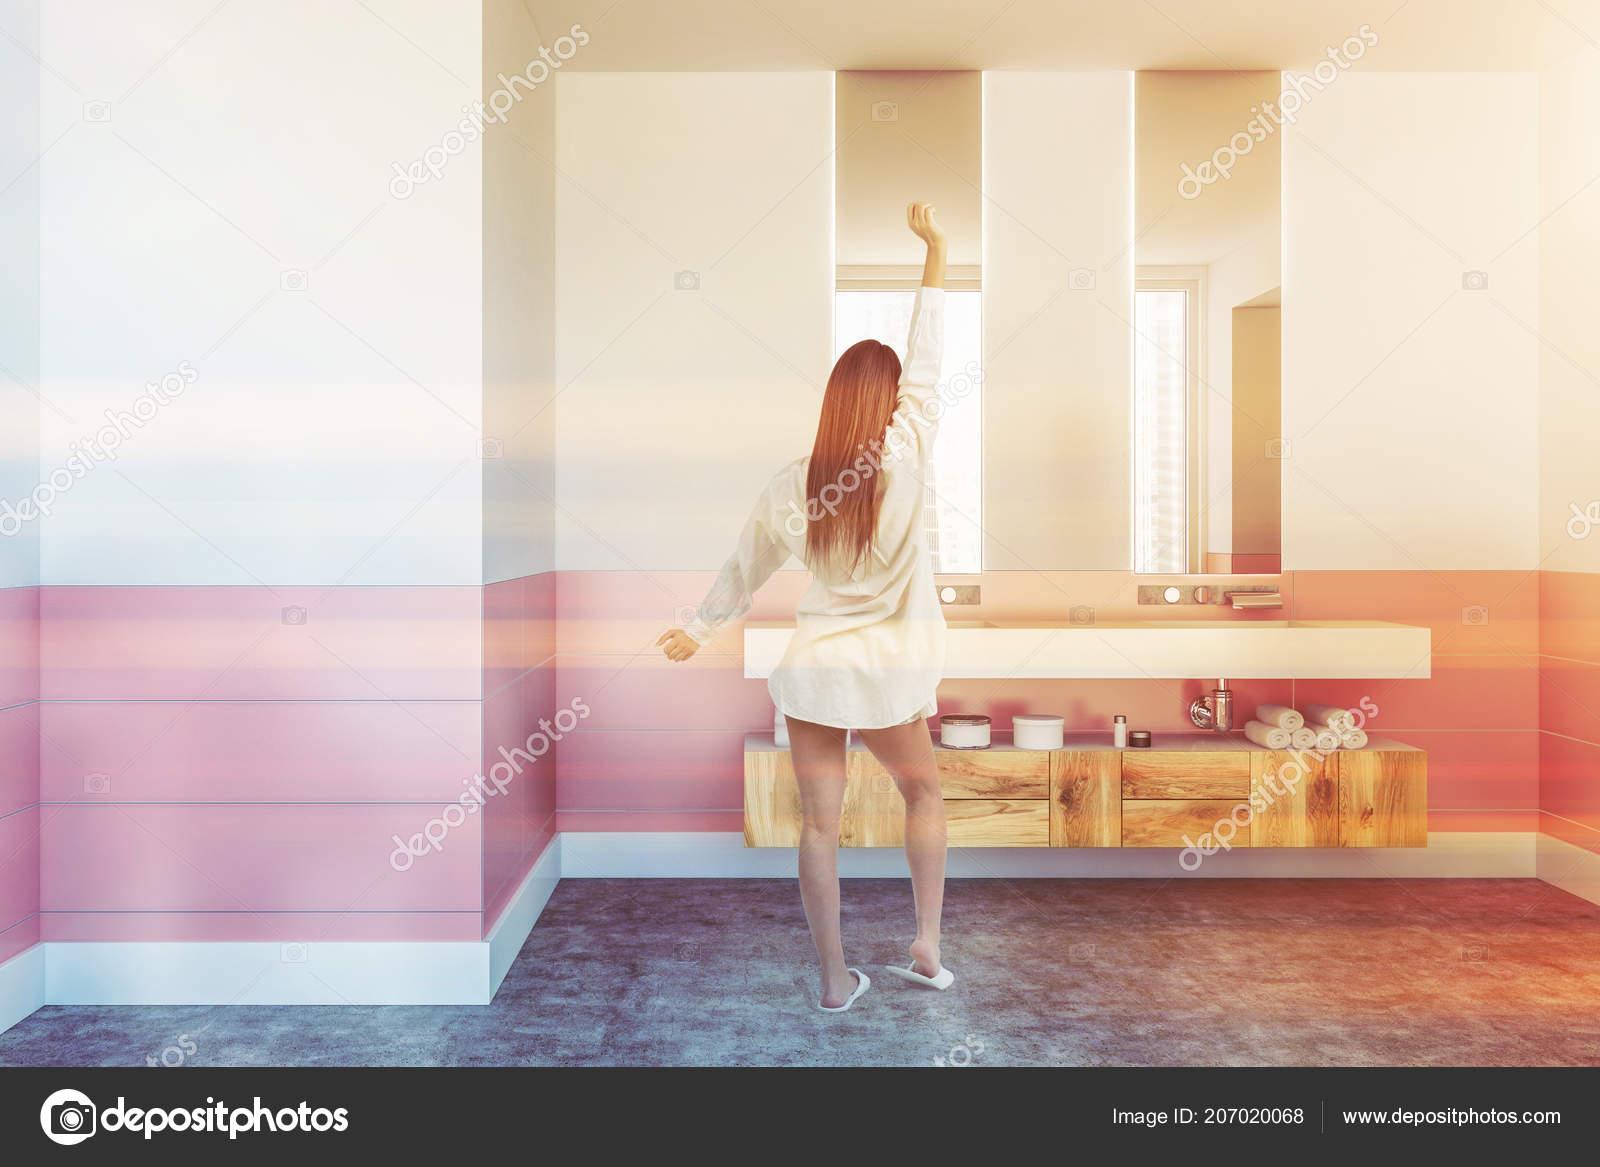 Pokój Dwuosobowy łazienka Umywalka Stojąc Białym Półka